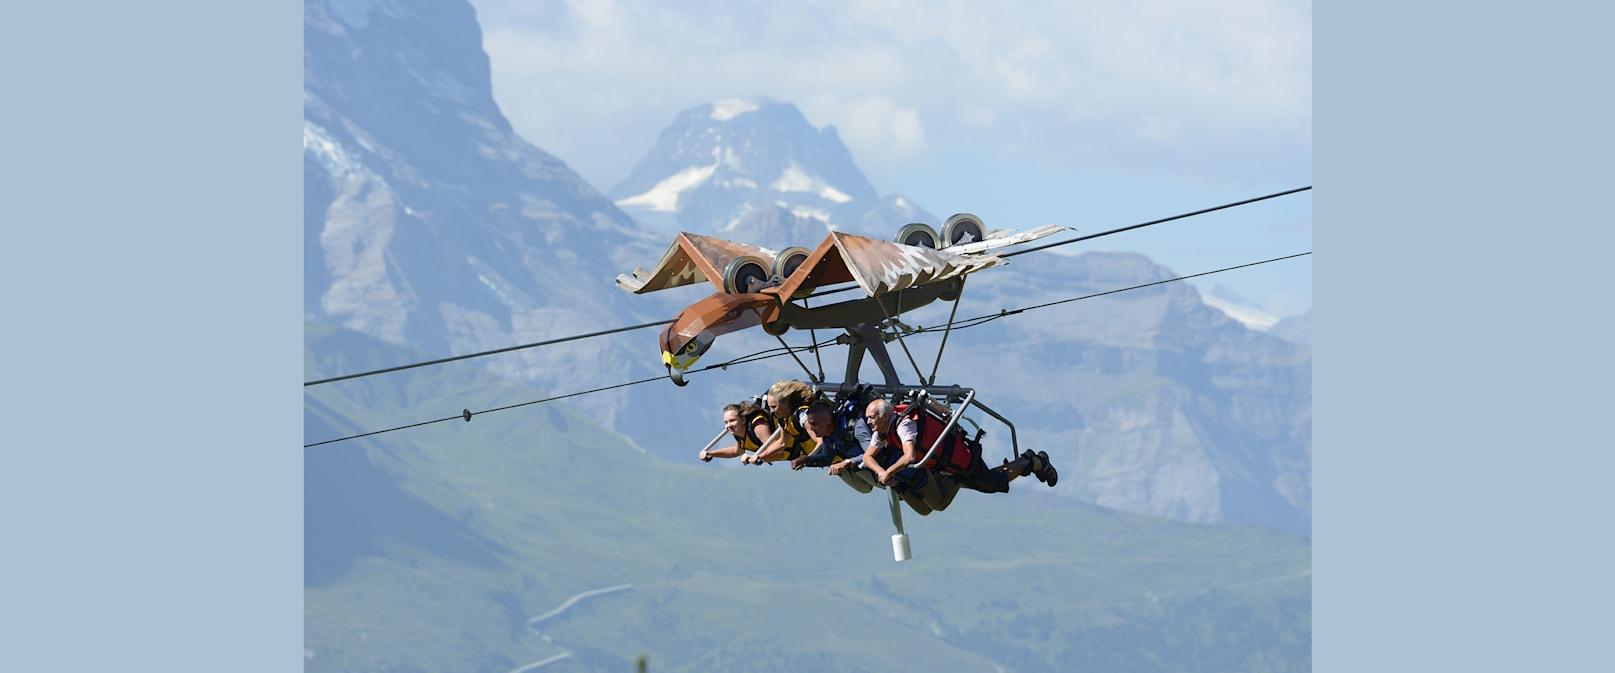 Glider Eiger 3